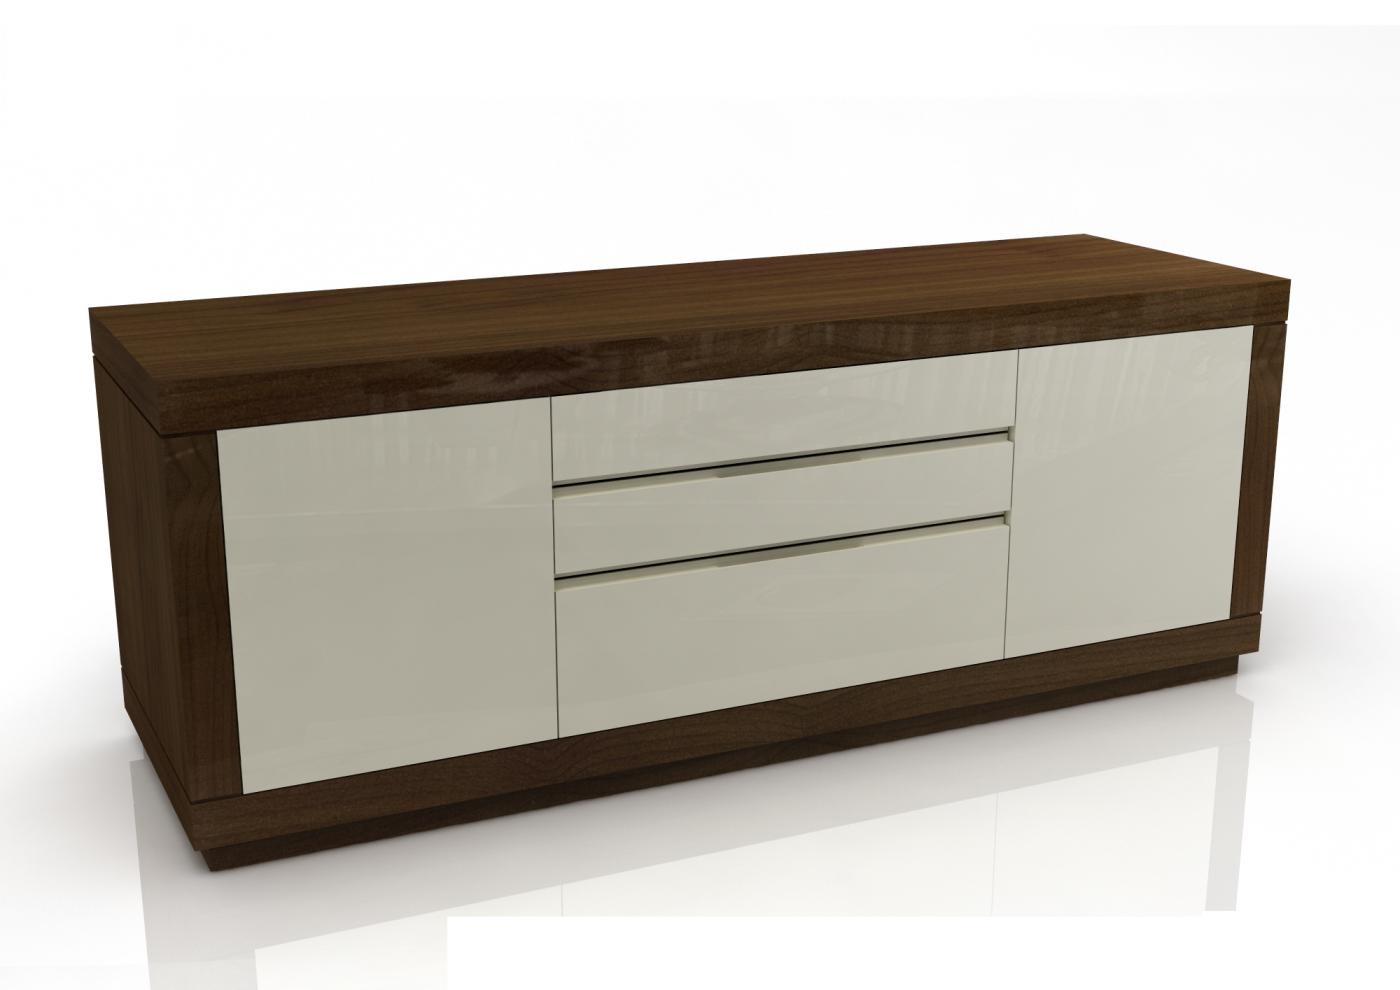 Muebles Bajos Gdd0 American Wood Fabrica De Muebles Bajos Fabrica De Muebles sofas Y